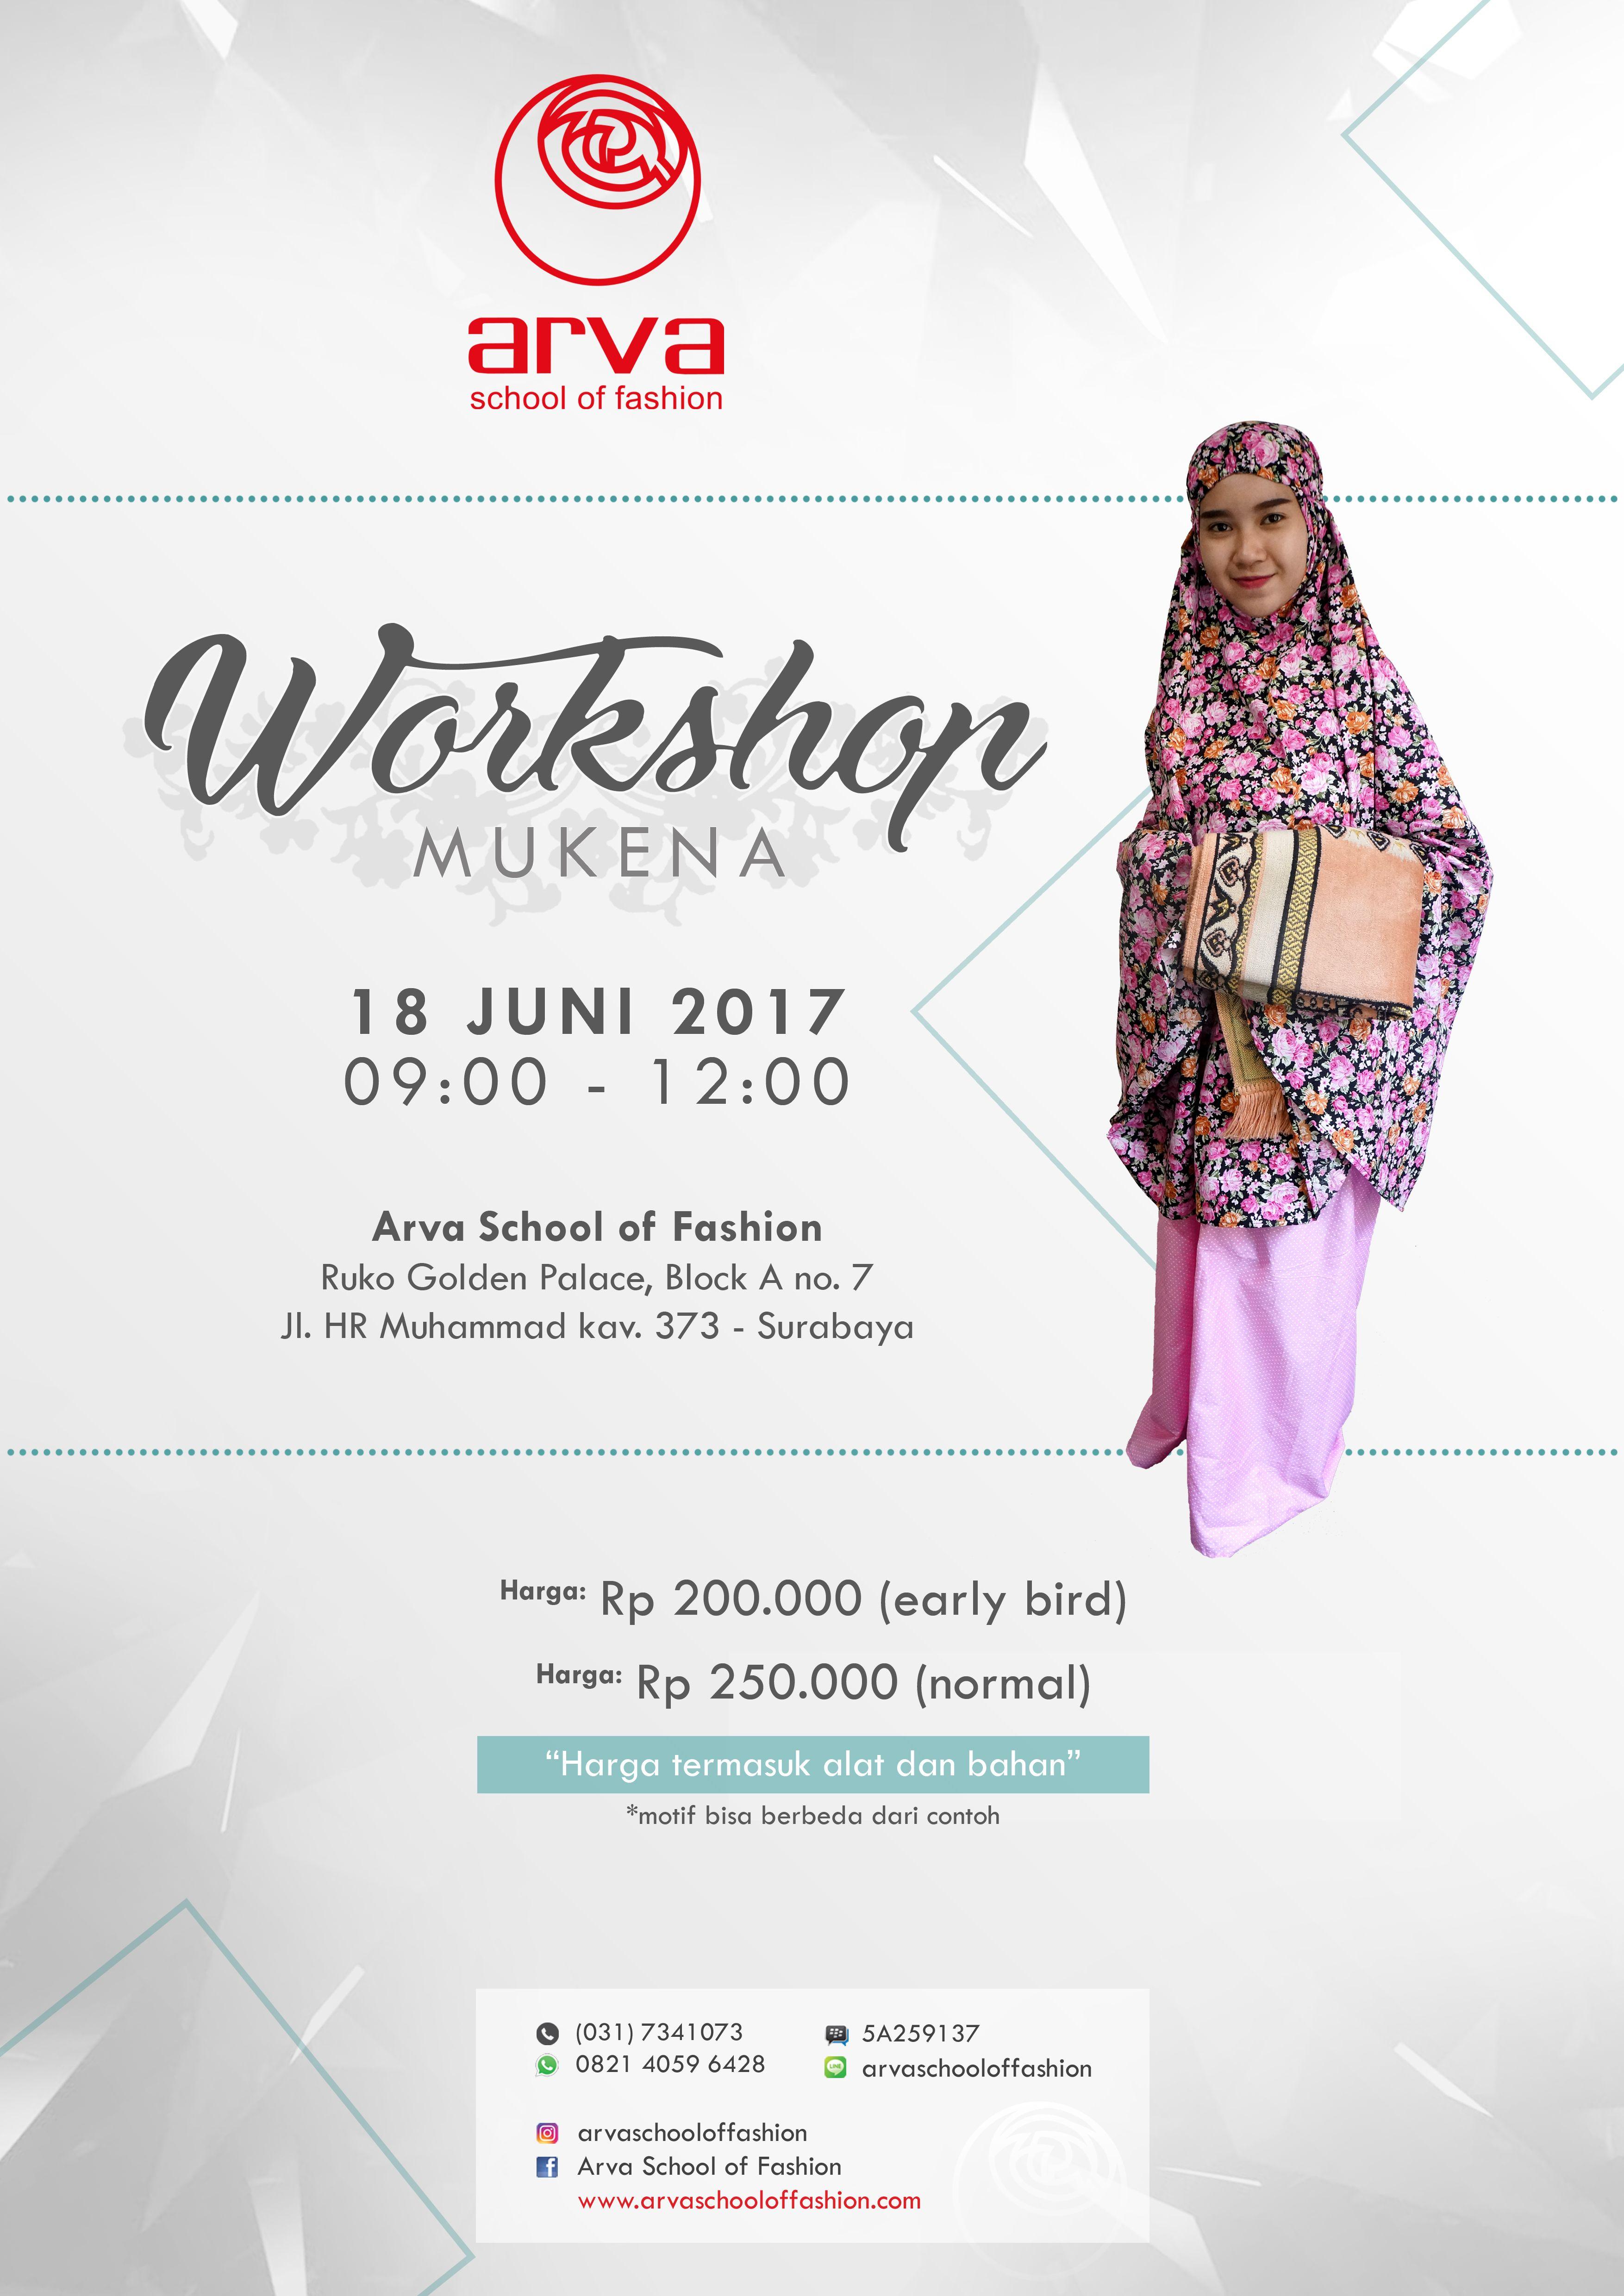 Ikuti Workshop Mukena Di Arva School Of Fashion Tanggal 18 Juni